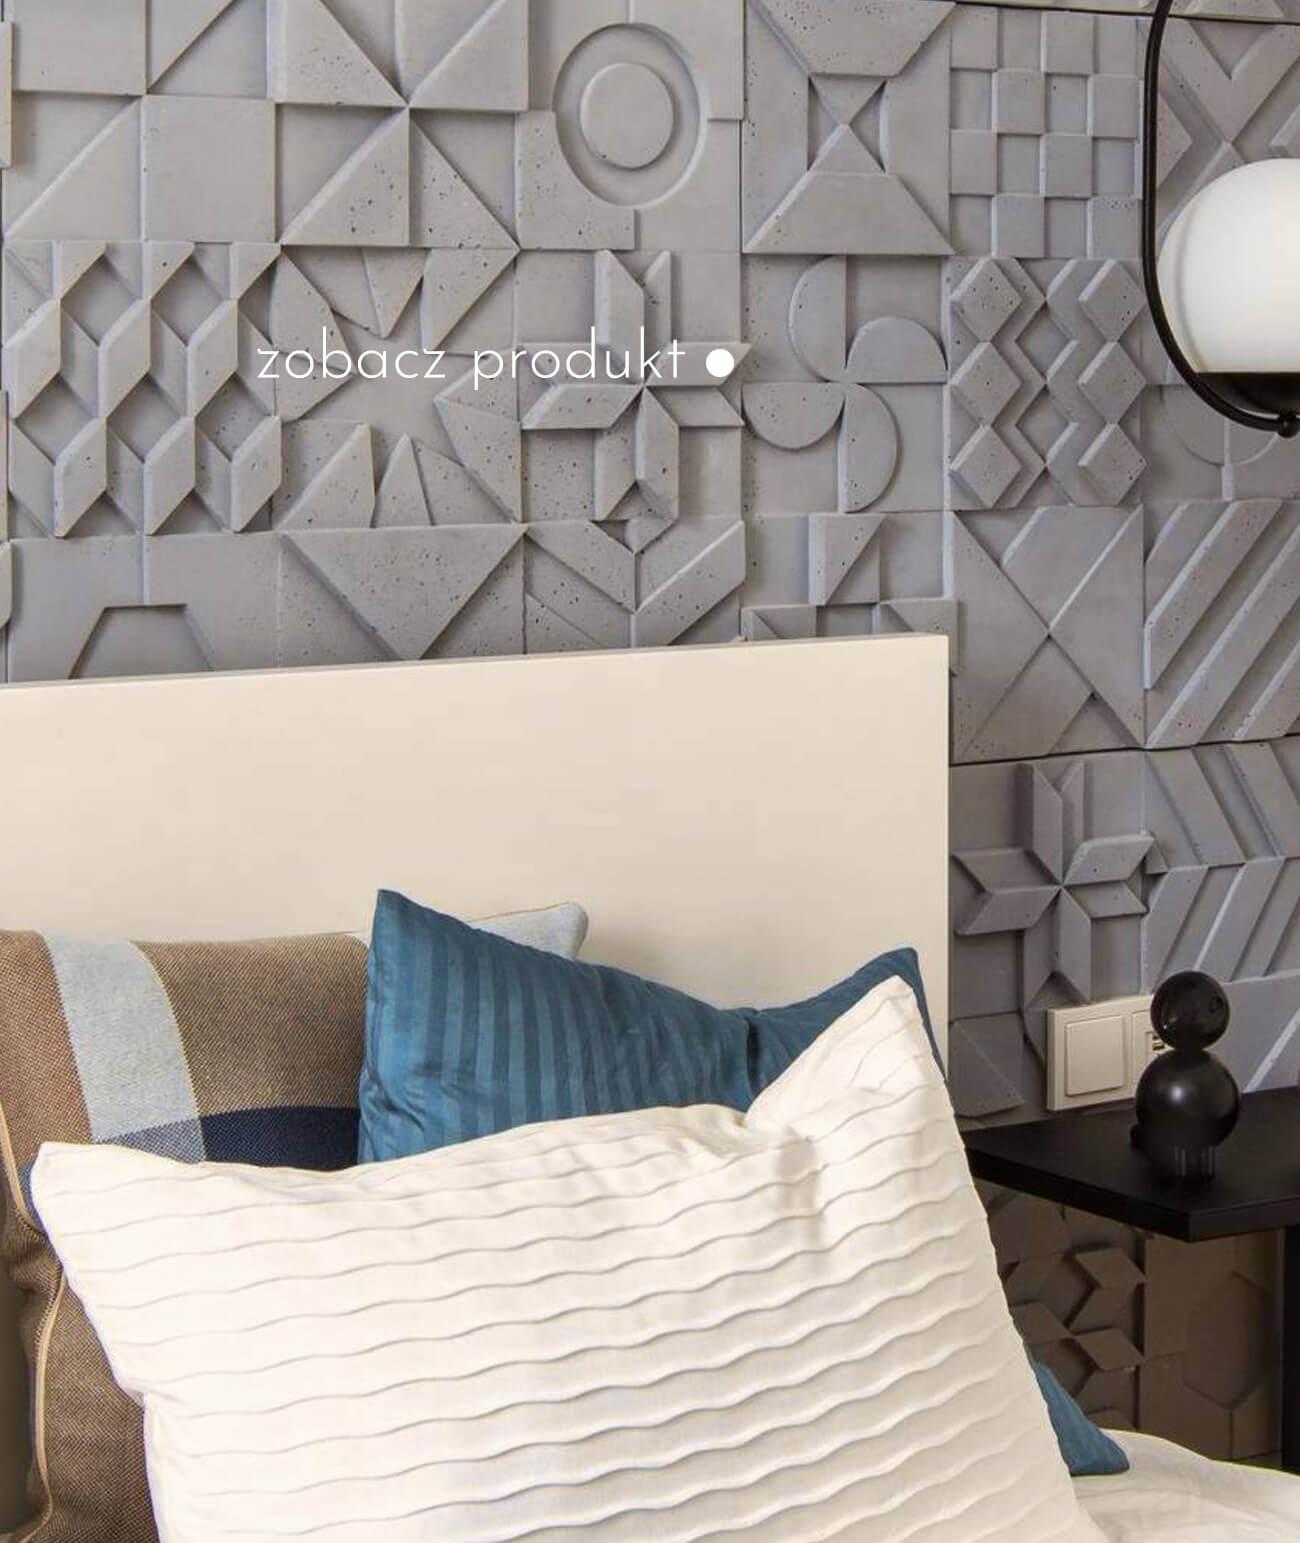 panele-betonowe-3d-scienne-i-elewacyjne-beton-architektoniczny_449-2428-pb12-s50-jasno-szary-mysi-ikon---panel-dekor-3d-beton-architektoniczny-panel-scienny